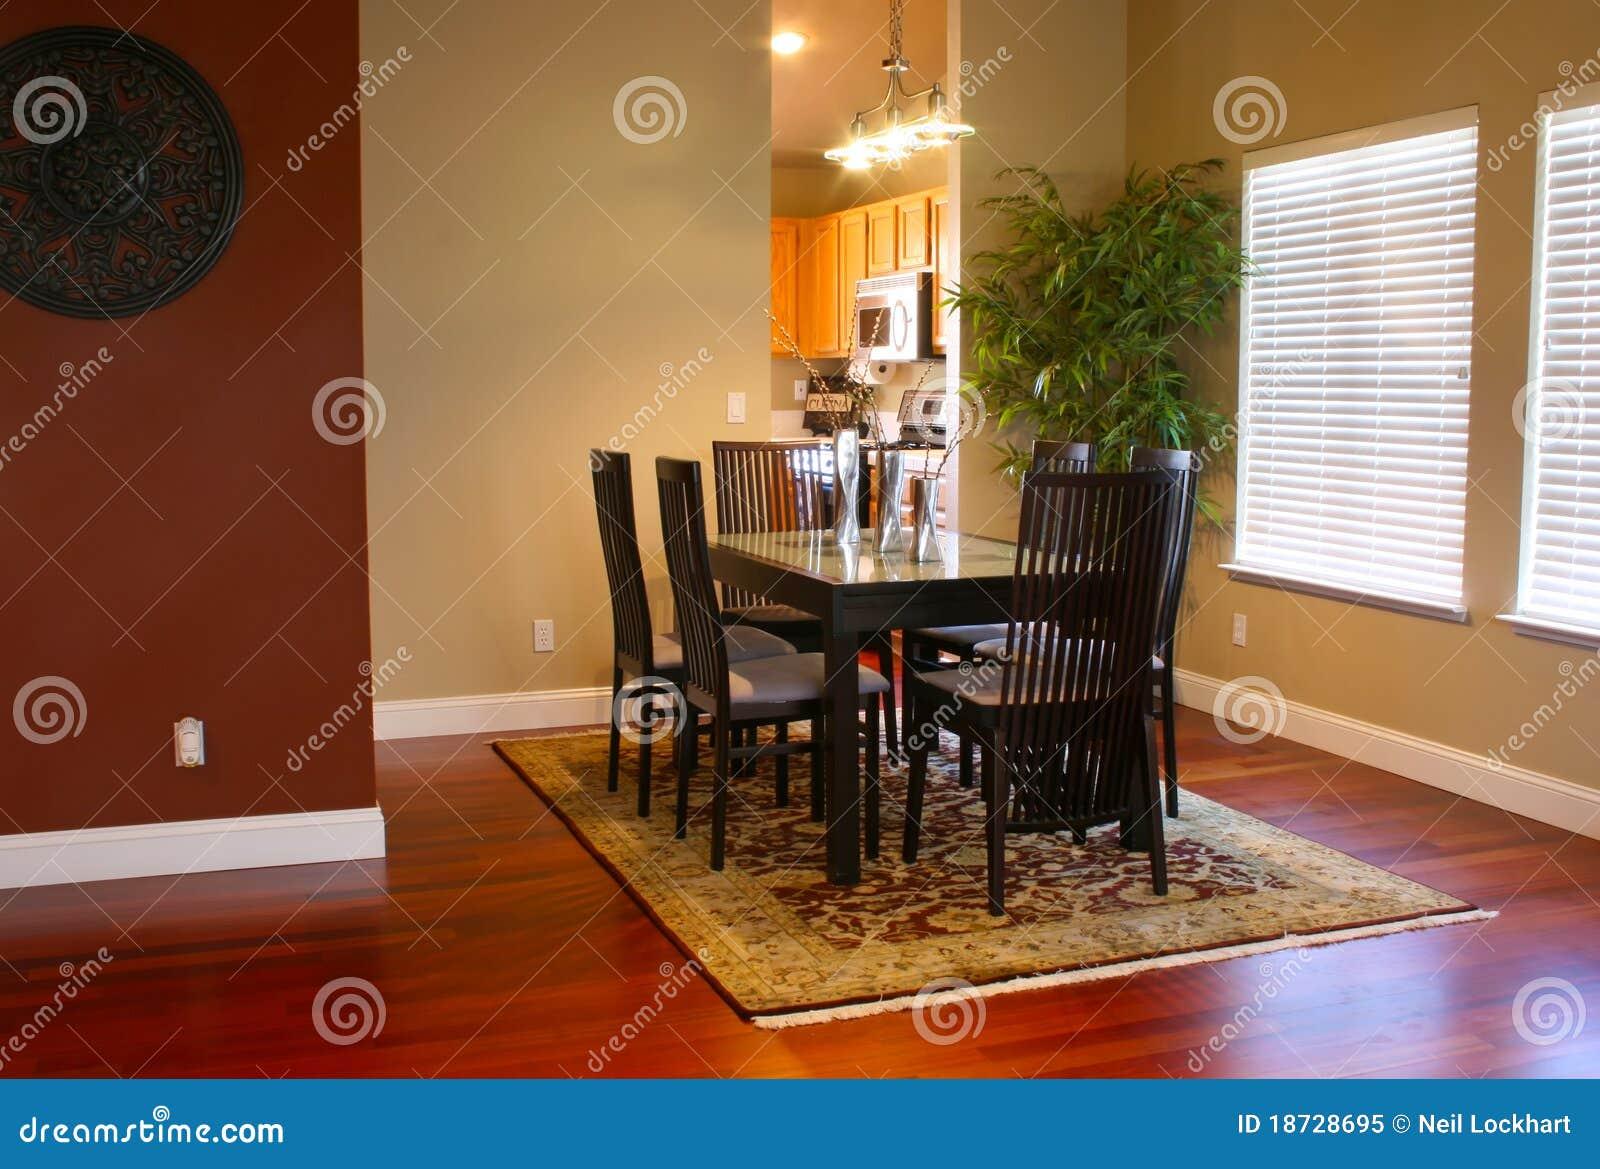 Sala de jantar moderna imagem de stock imagem de for Foto sale da pranzo moderne